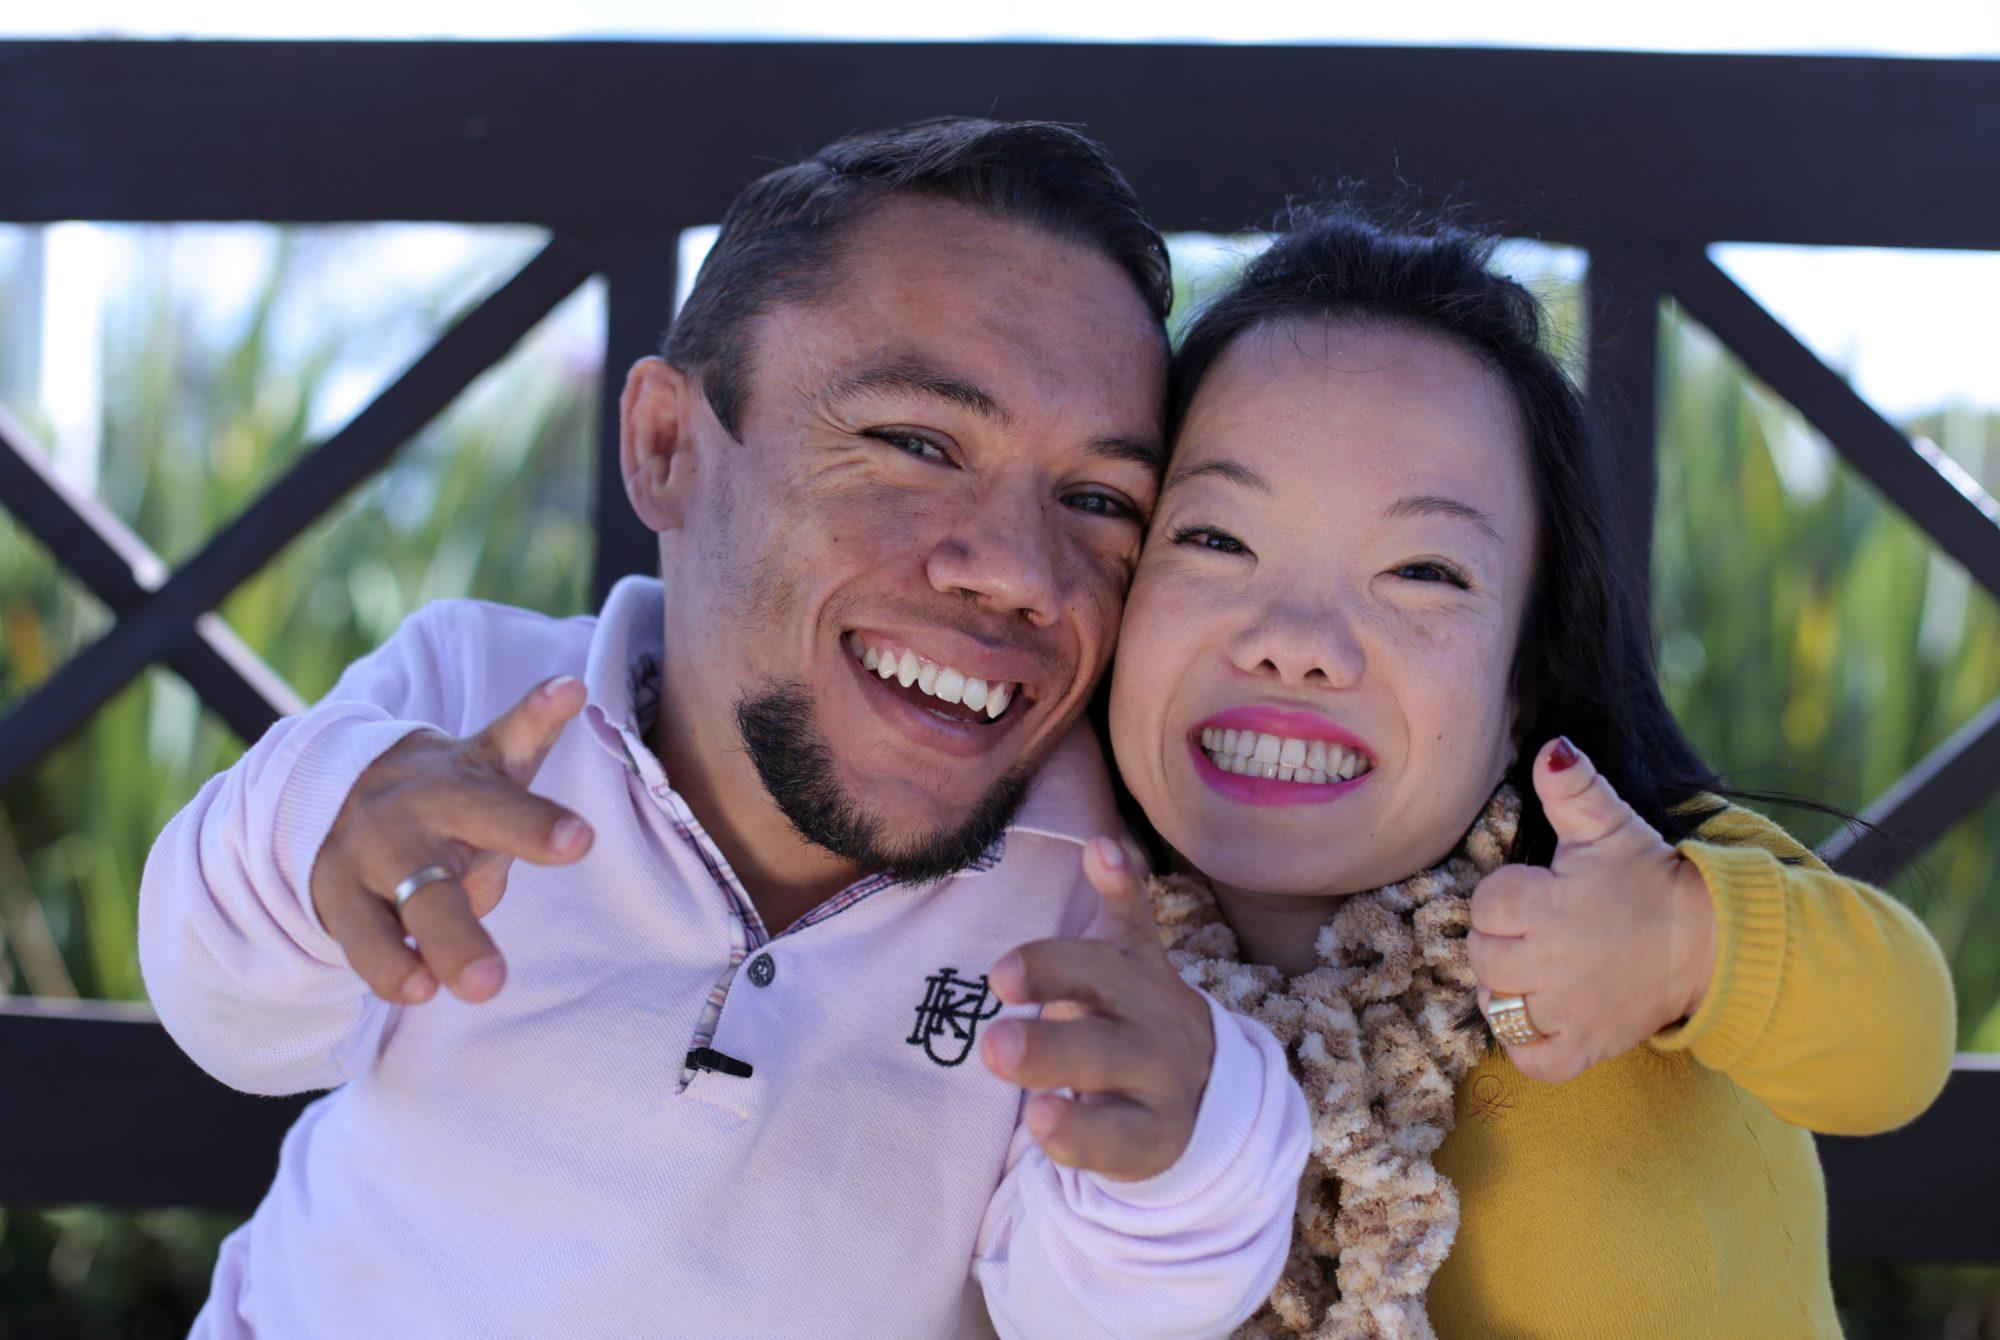 conoce la historia de la pareja casada más pequeña del mundo